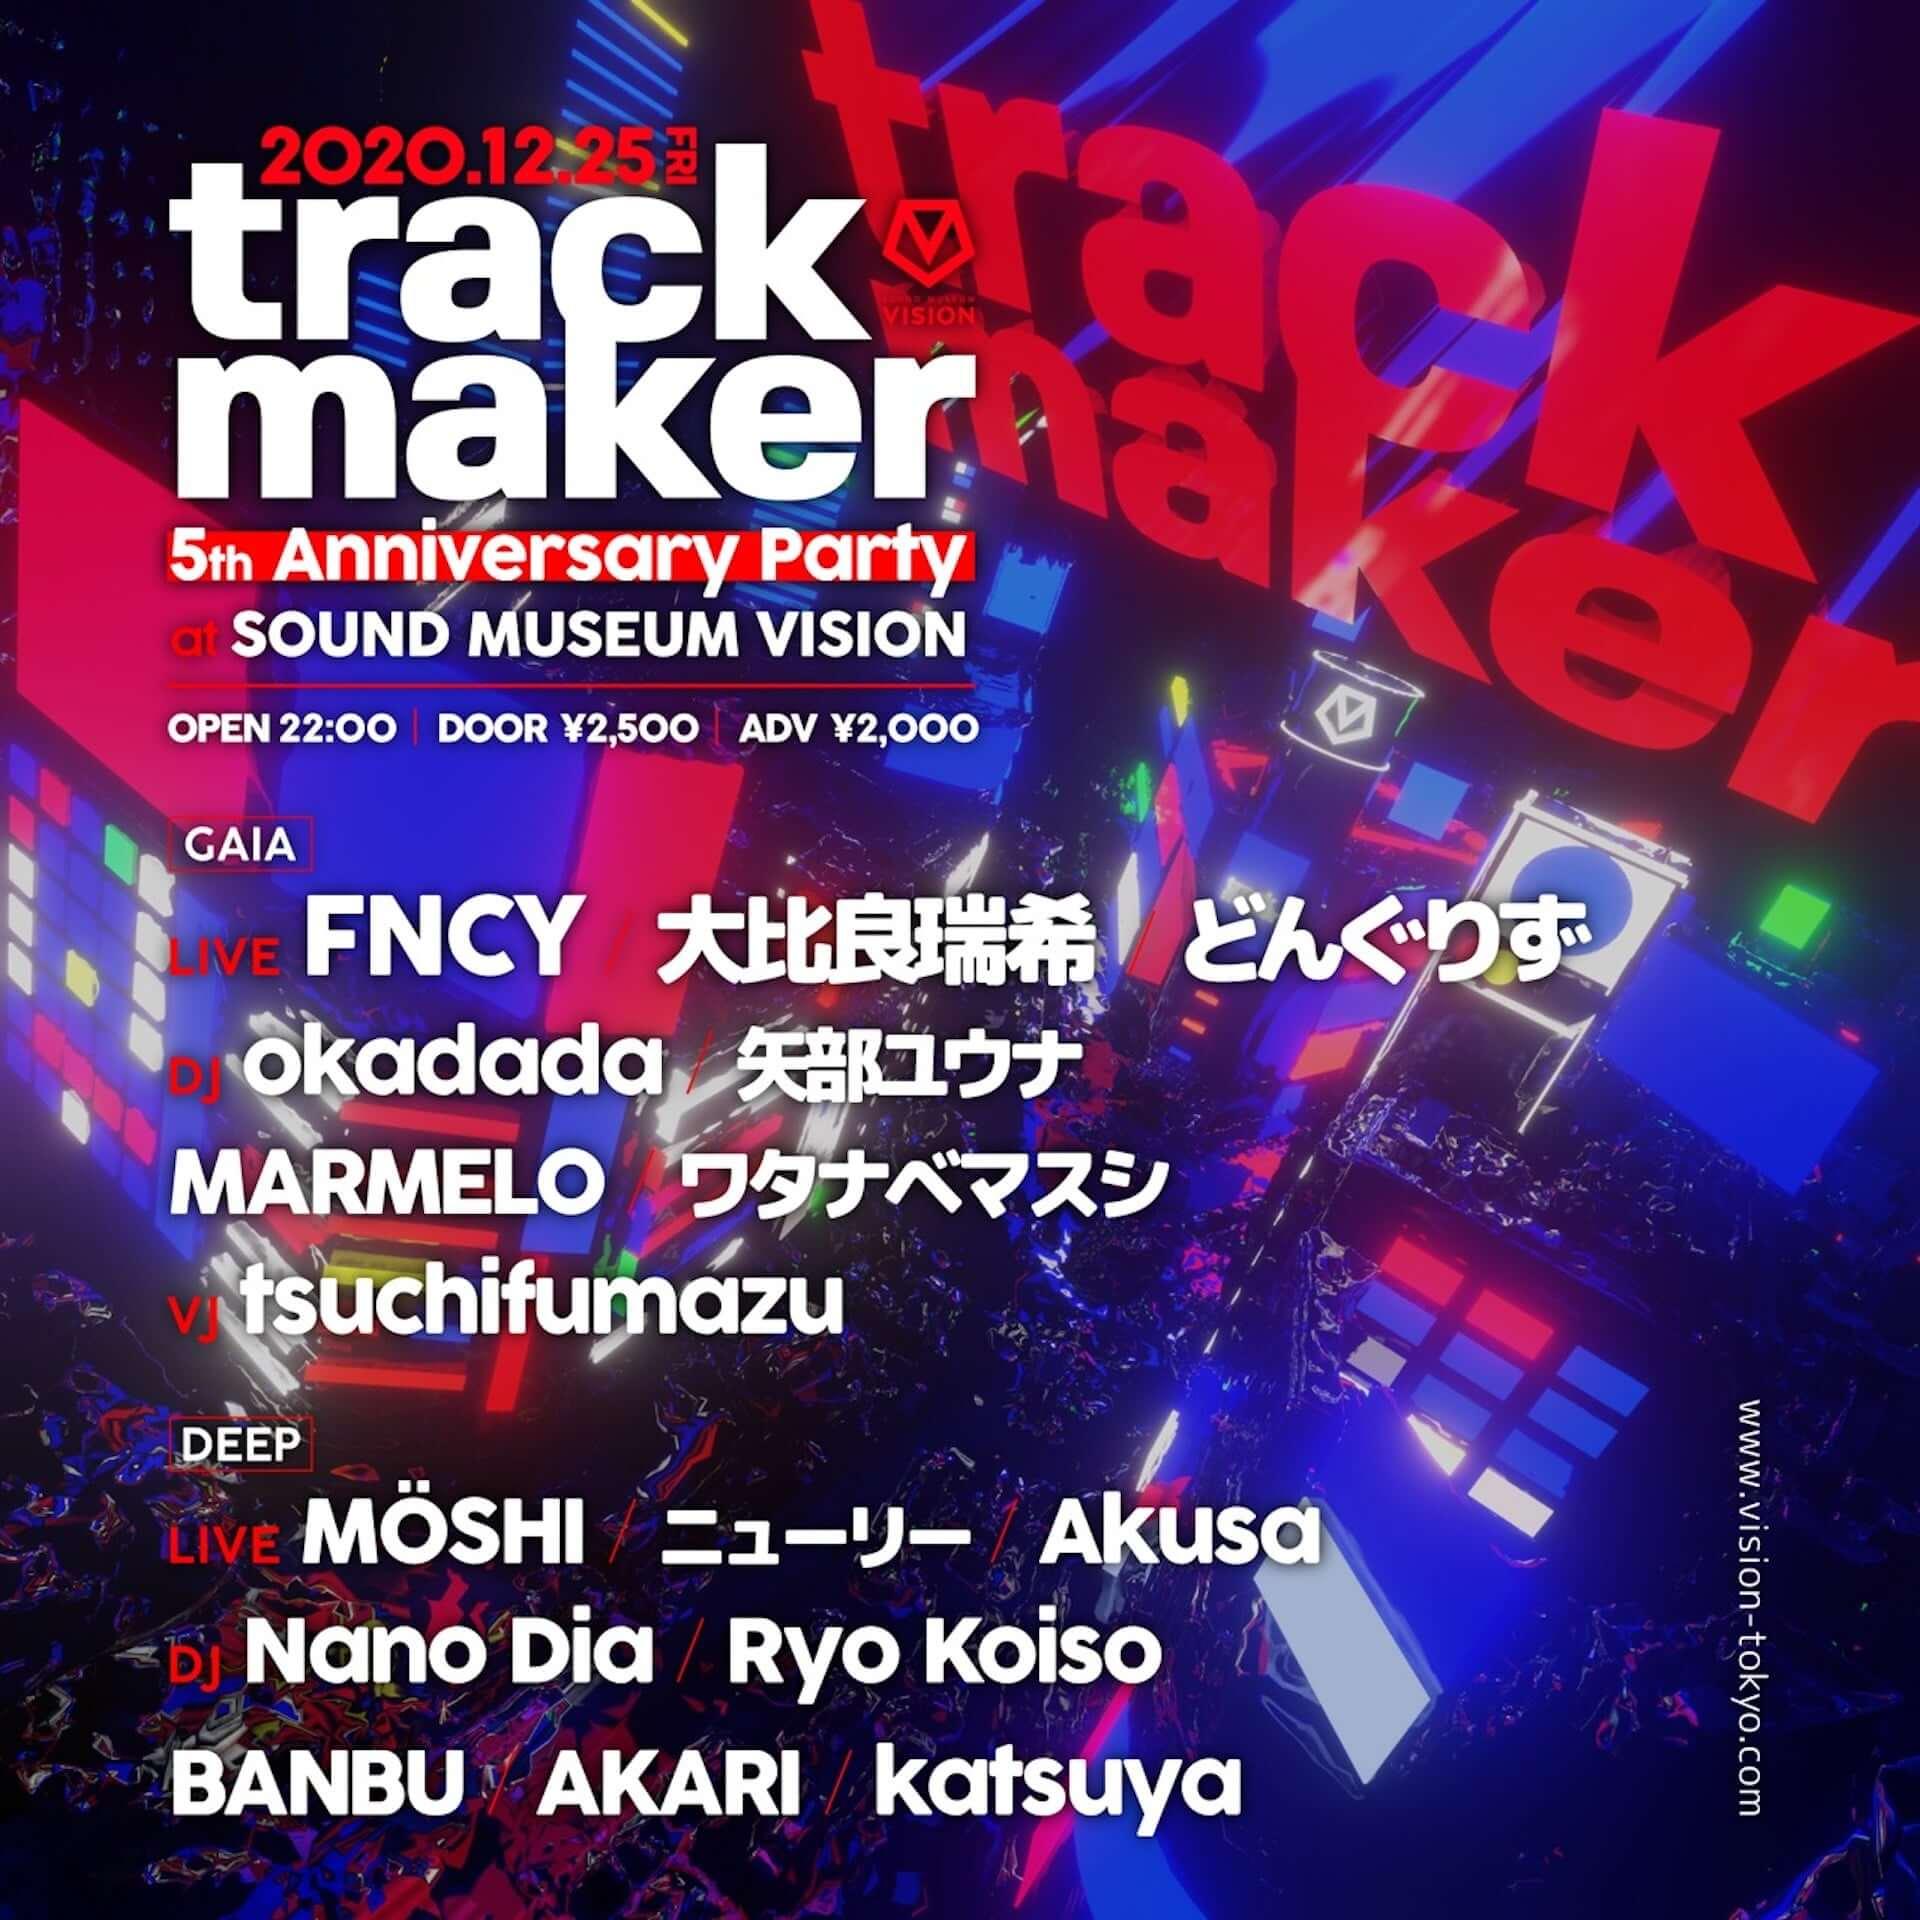 渋谷VISIONにFNCY、STUTS、okadada、大比良瑞希らが集結!<trackmaker>5周年記念イベントがクリスマスに開催決定 music201217_vision_6-1920x1920